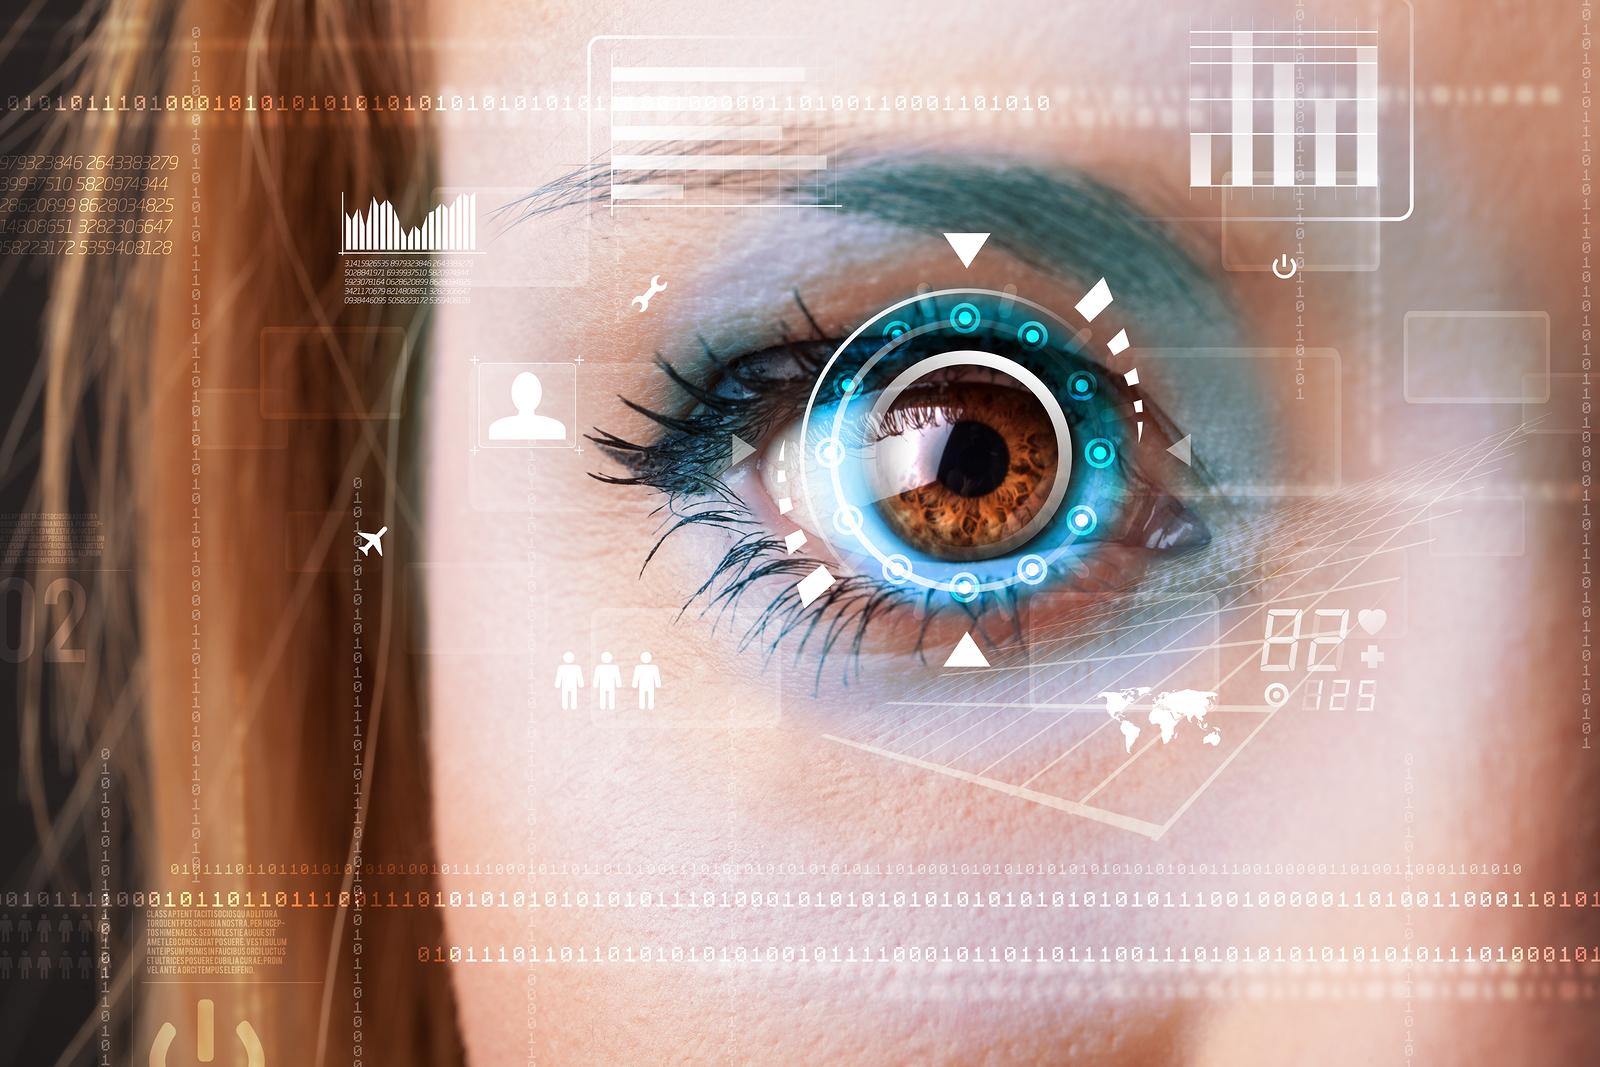 Комбайн будет обладать искусственным интеллектом